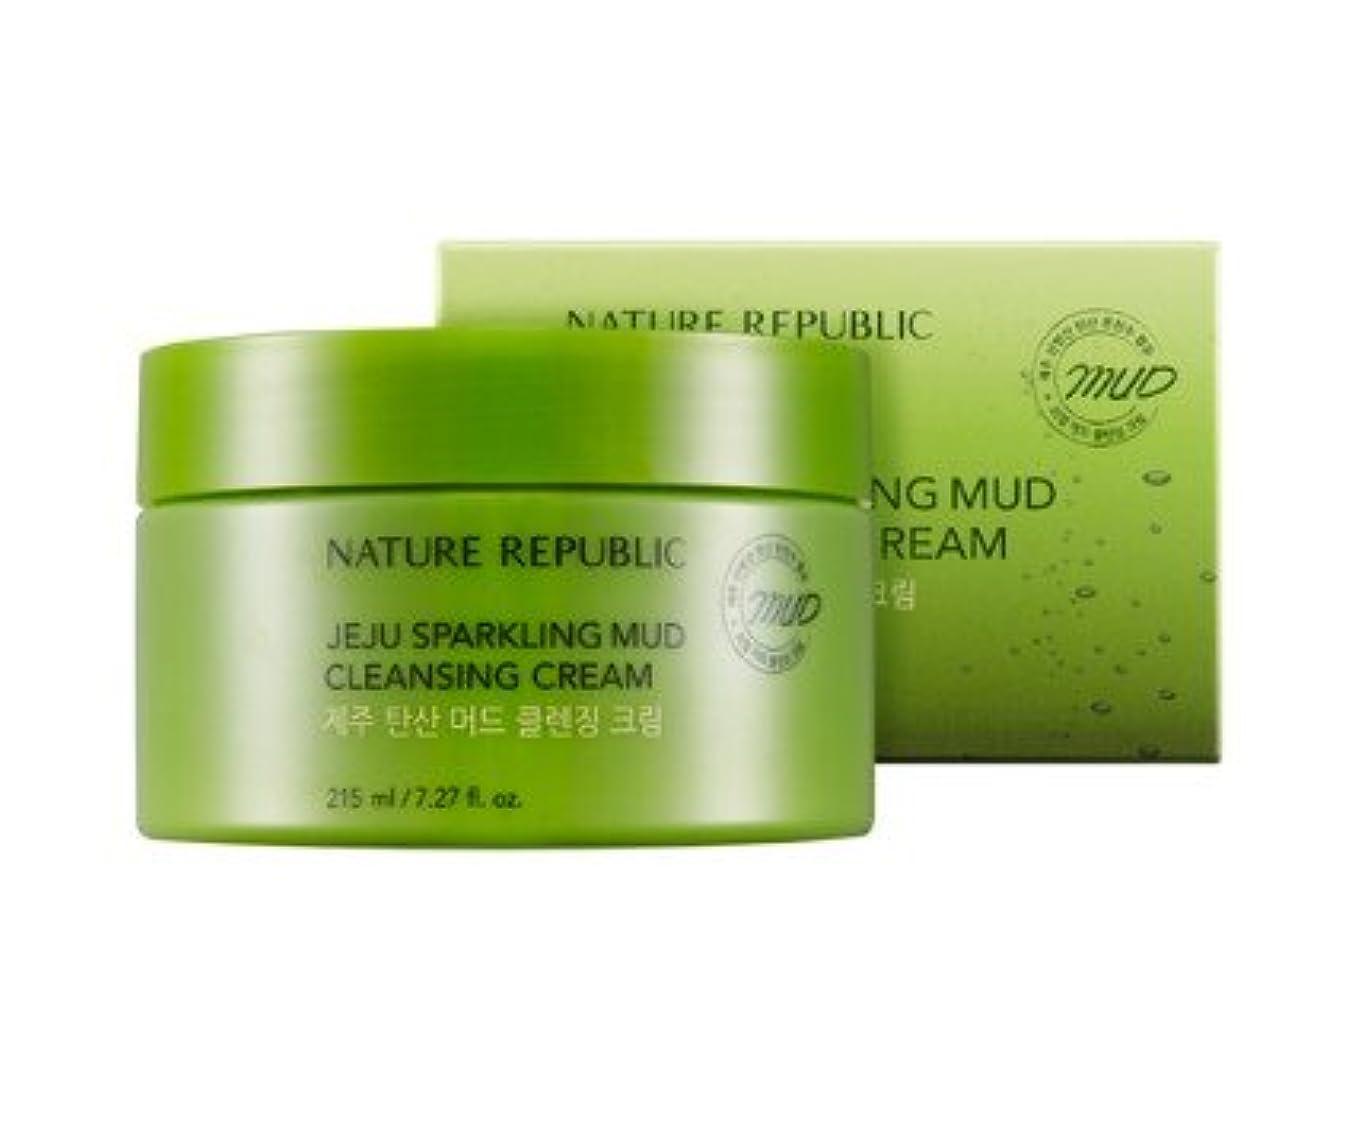 マダム正確な放棄Nature republic Jeju Sparkling Mud Cleansing Cream ネイチャーリパブリック チェジュ炭酸マッド クレンジングクリーム 215ML [並行輸入品]